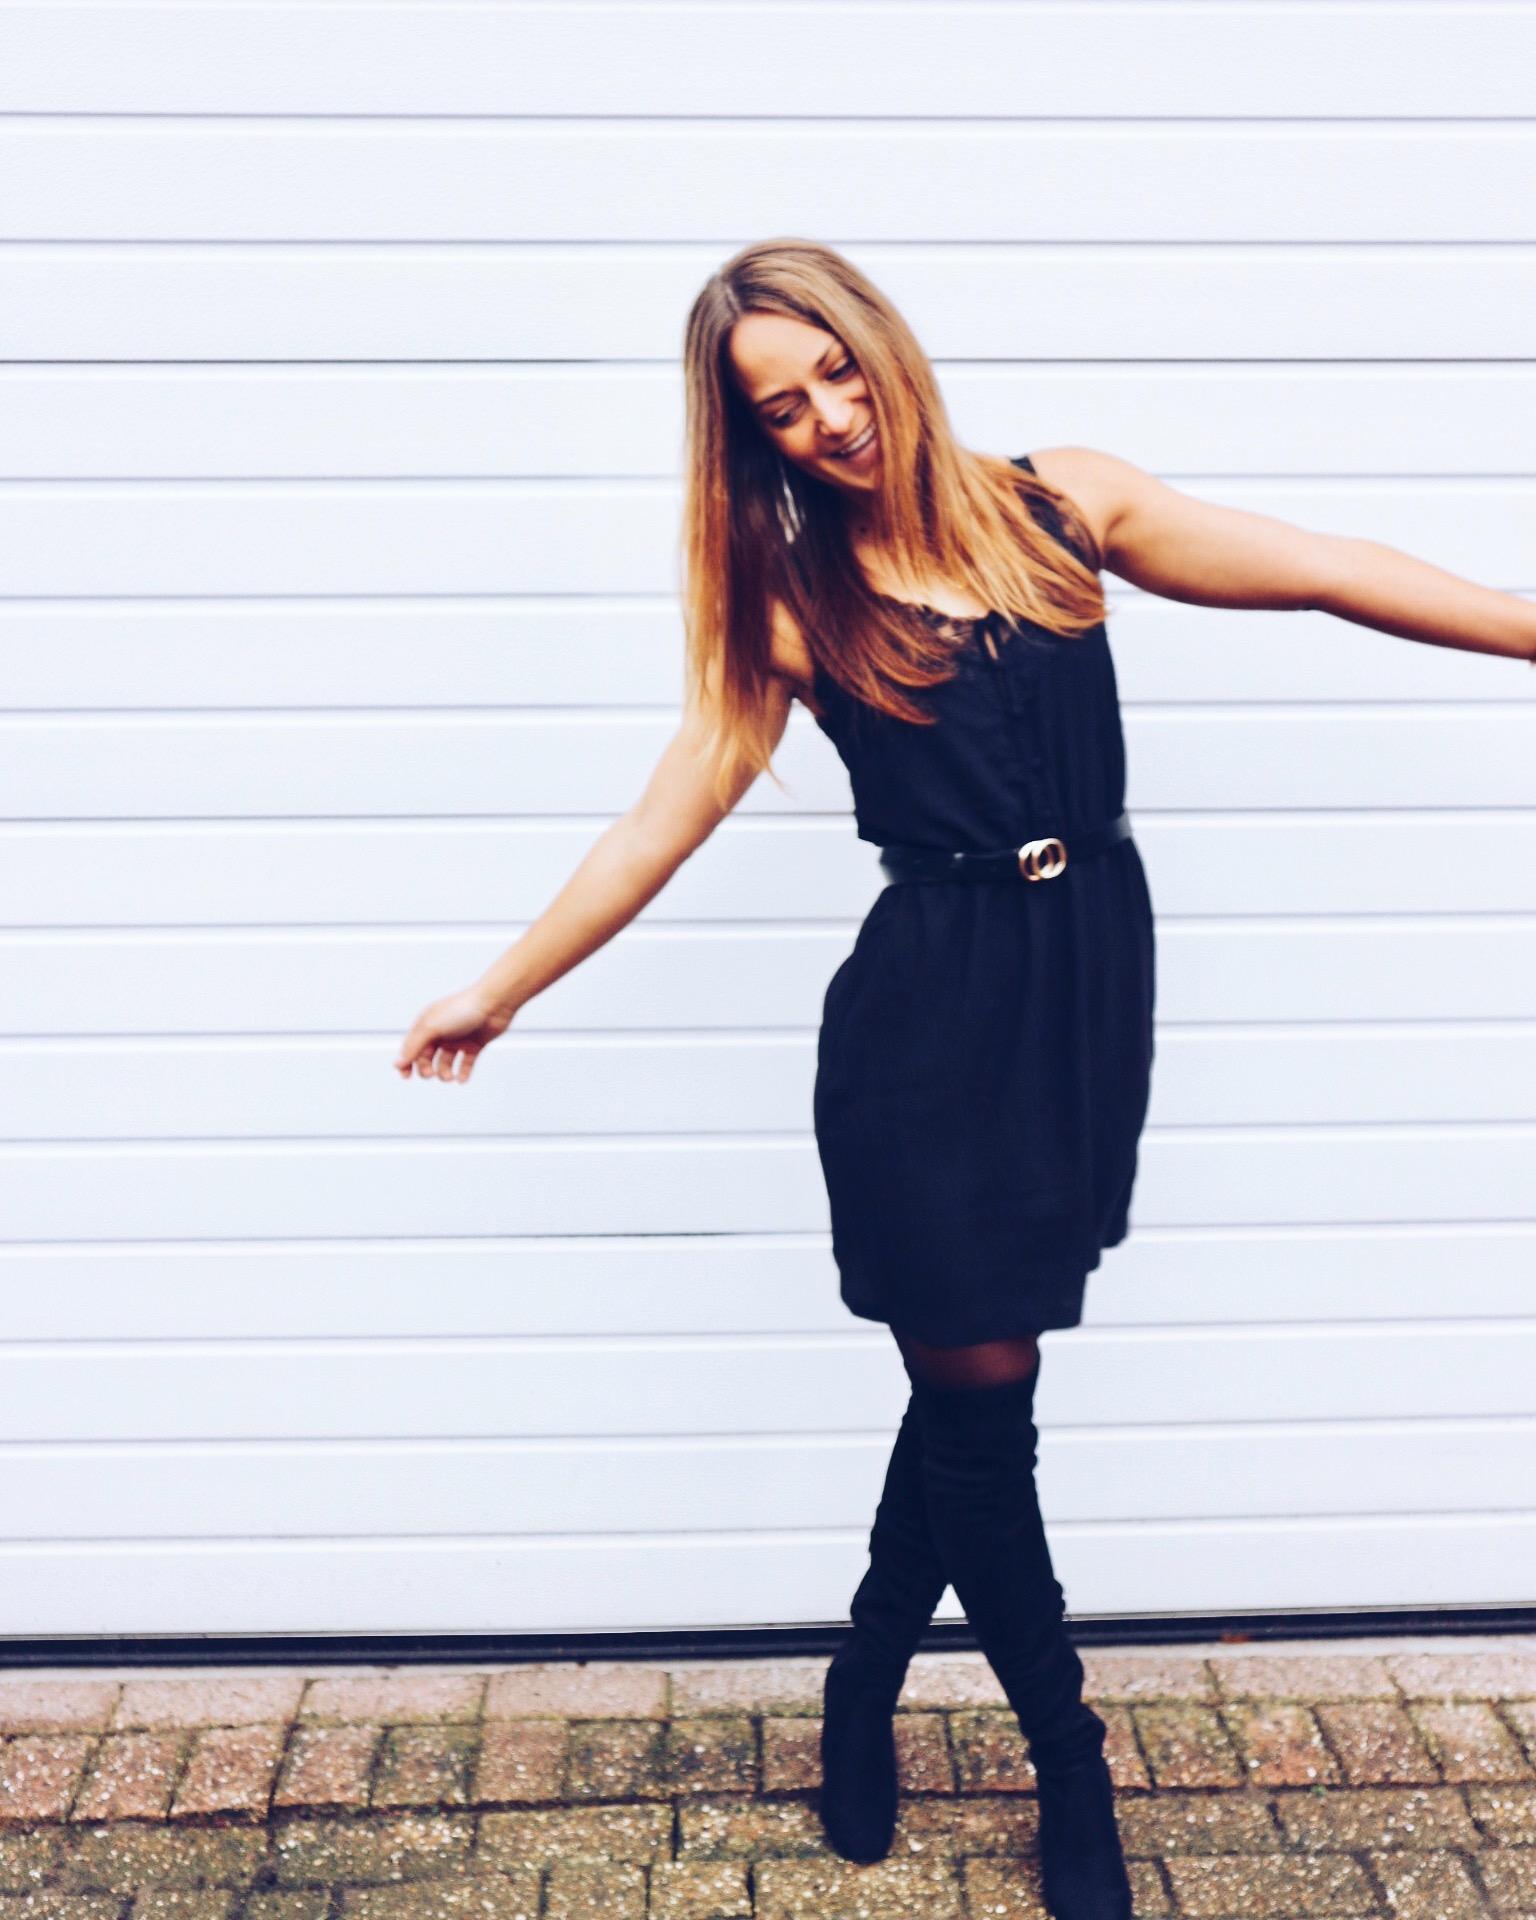 otto, LBD, little black dress, jurk, jurkje, zwart jurkje, musthave, outfit, ootd, wiw, wiwt. blogger, fashion, fashionblogger, xmariekie